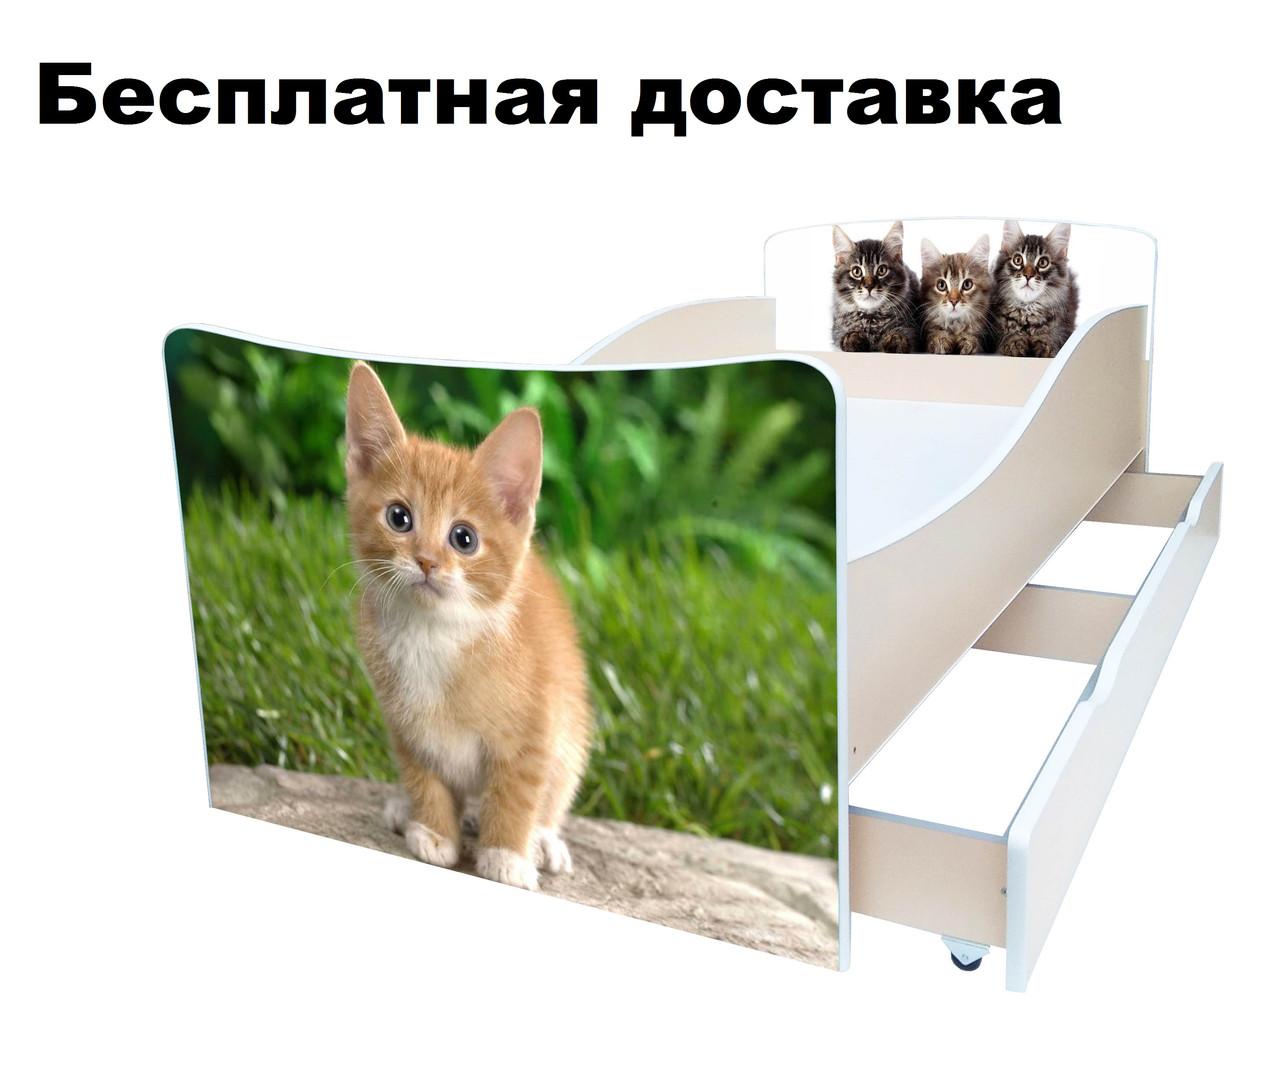 Детская кровать Котенок в траве котята